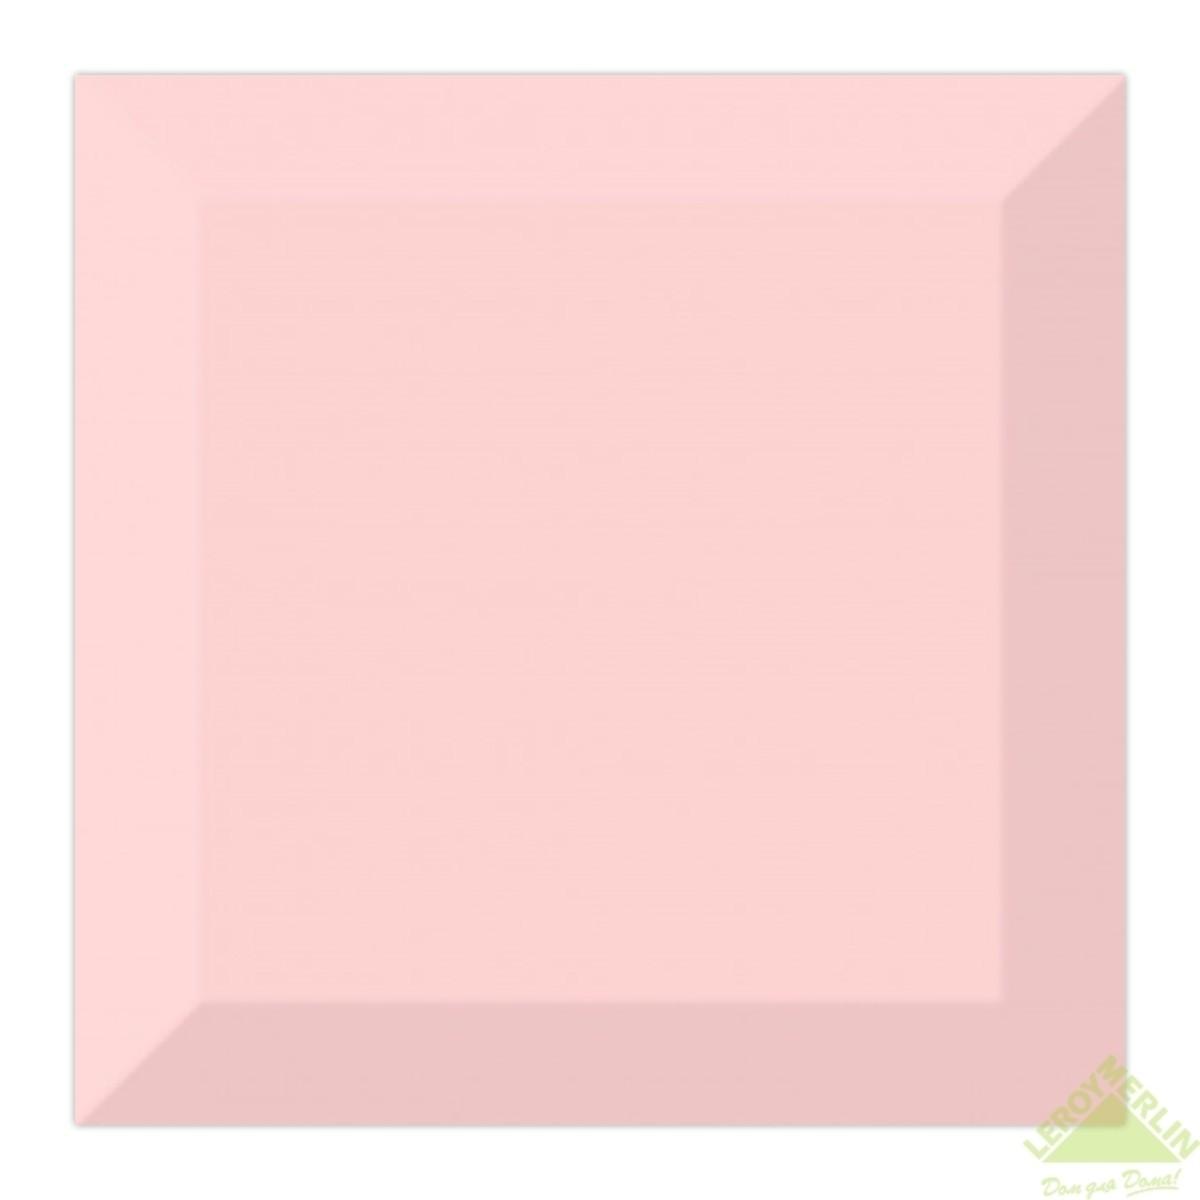 Плитка настенная Порто 15x15 см цвет розовый 1035 м2